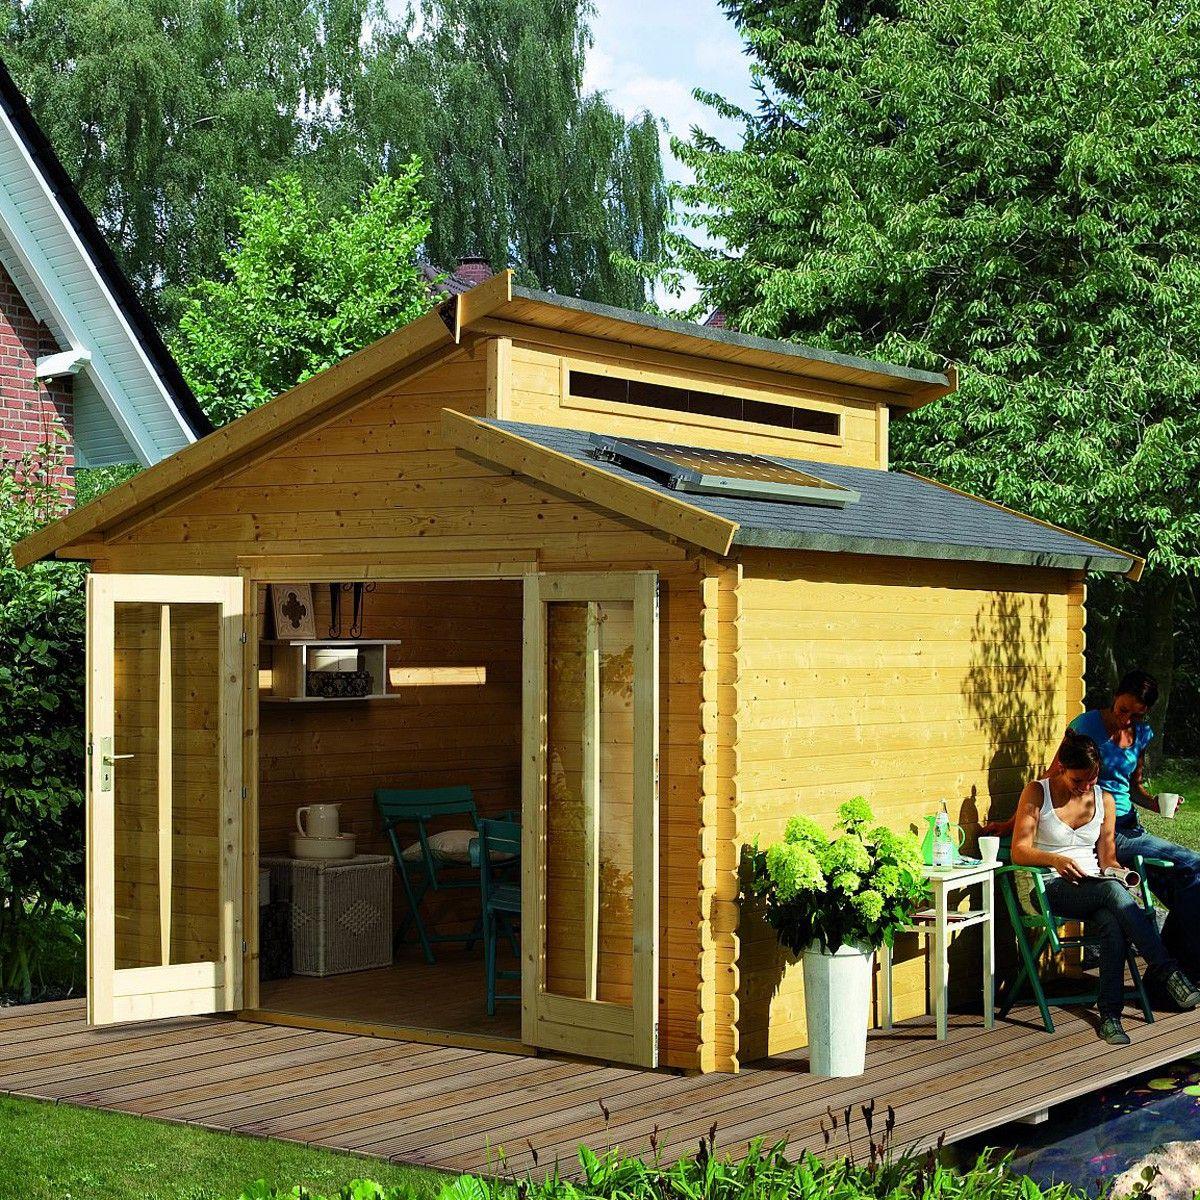 abri de jardin bois m2 varmland 28mm l304xp304xh253cm abri de jardin bois abris de. Black Bedroom Furniture Sets. Home Design Ideas